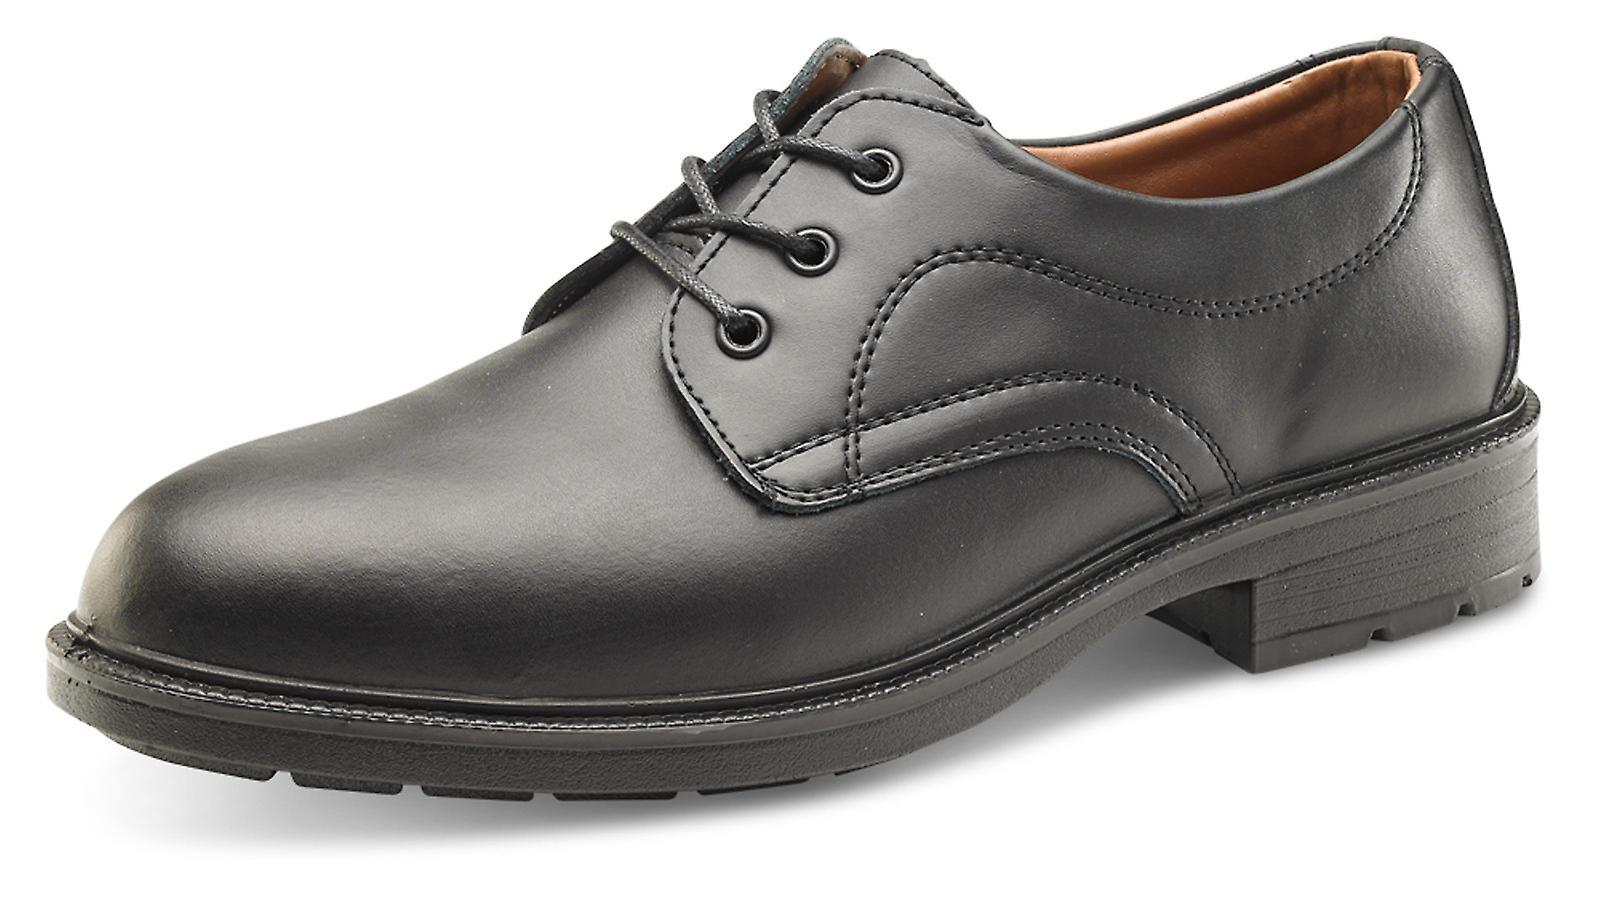 Fai Fai Fai clic su dirigenti di sicurezza del lavoro nero src - sw2010 s1 scarpa   La qualità prima  b22f7f